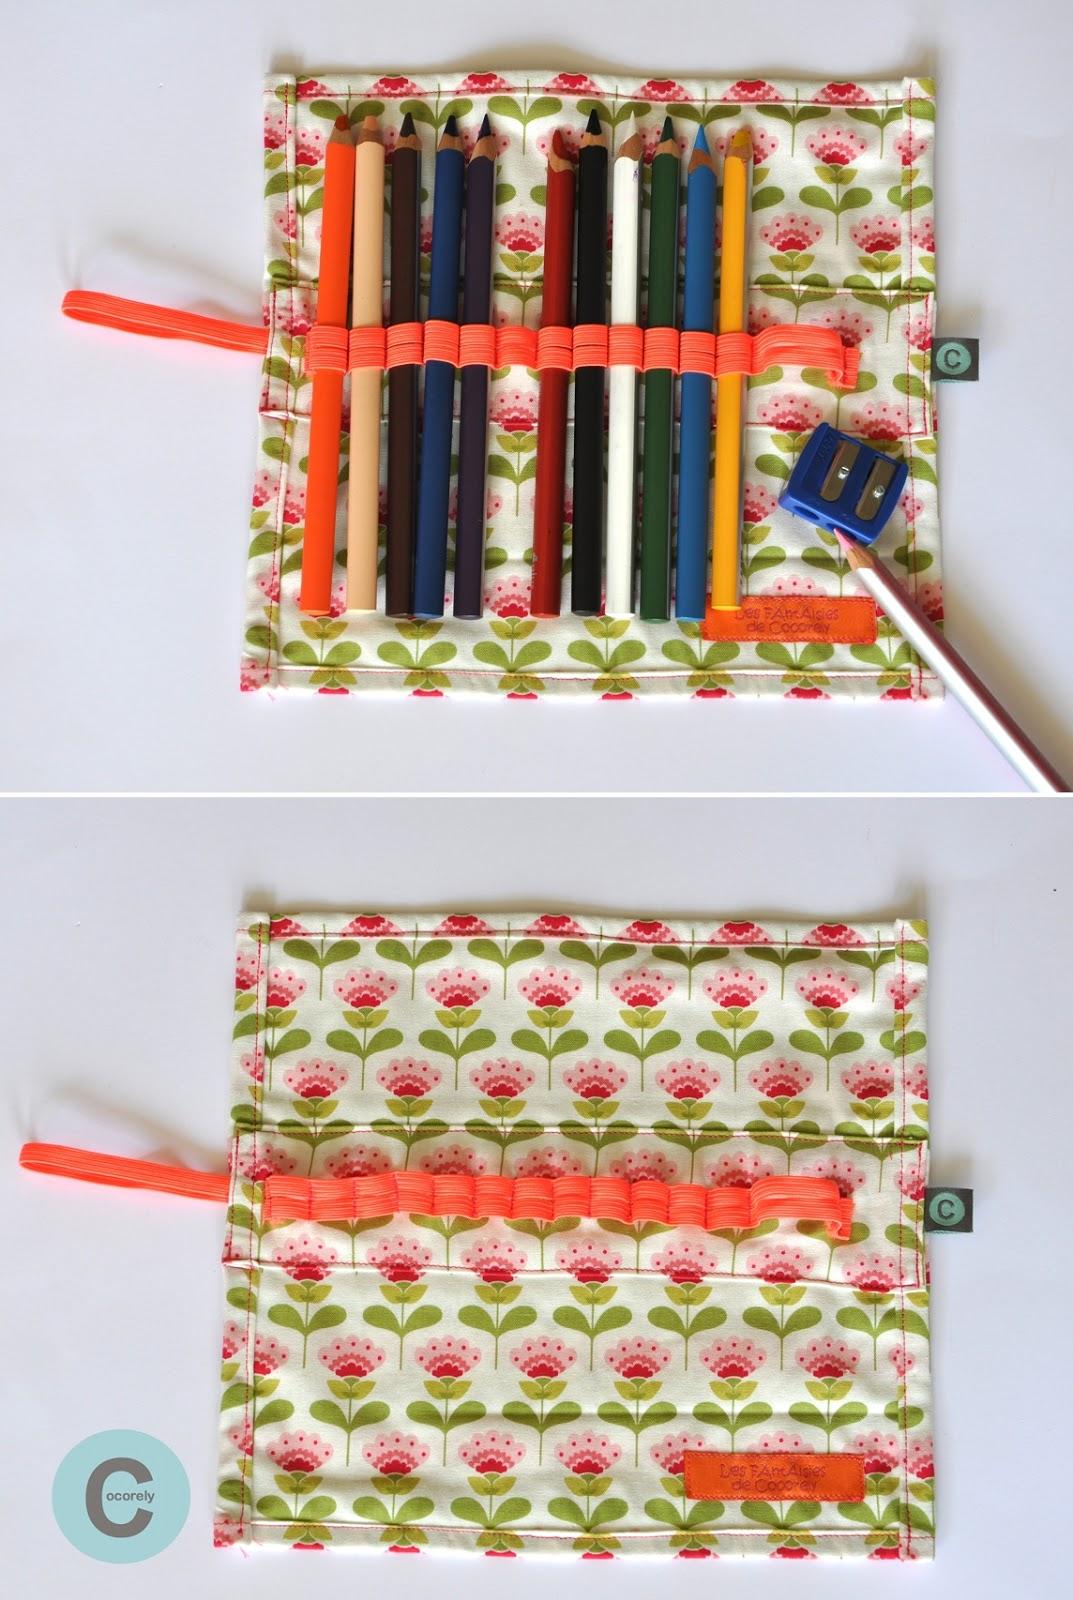 les f nt isies de cocorely trousse de voyage pour crayons de couleurs. Black Bedroom Furniture Sets. Home Design Ideas